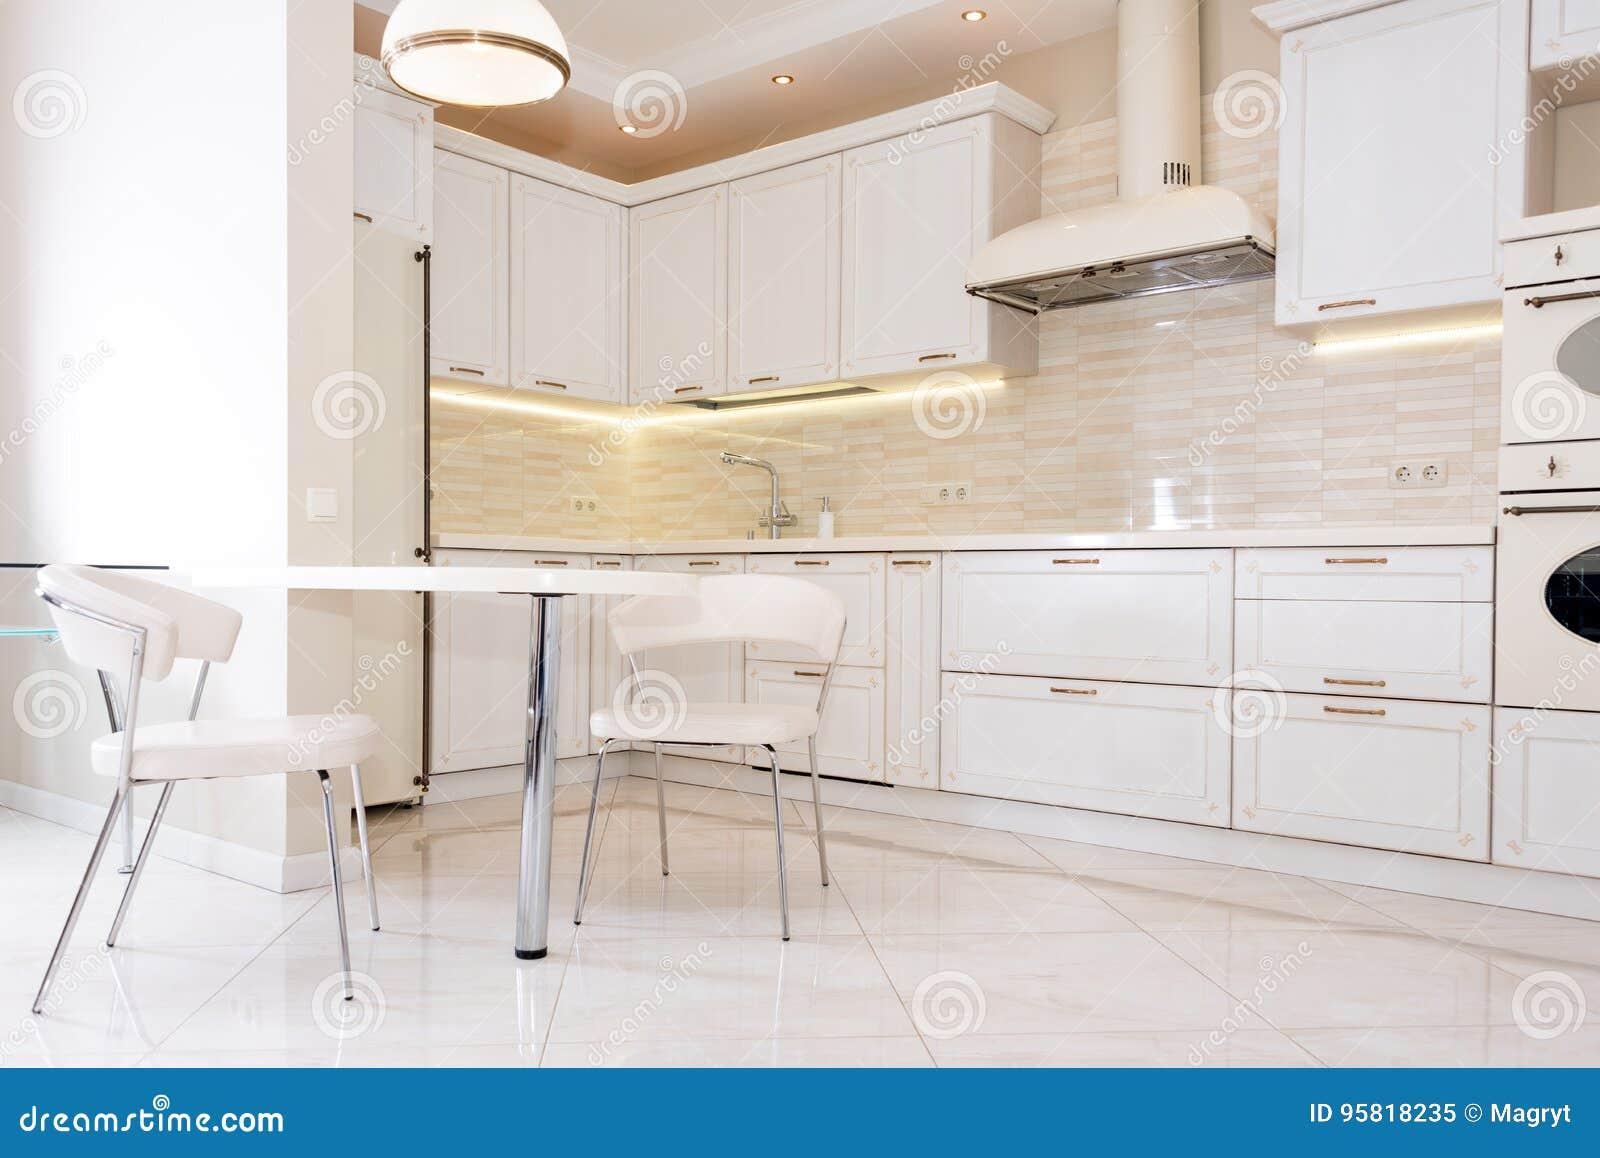 Interno moderno luminoso pulito della cucina in una casa for Interno moderno